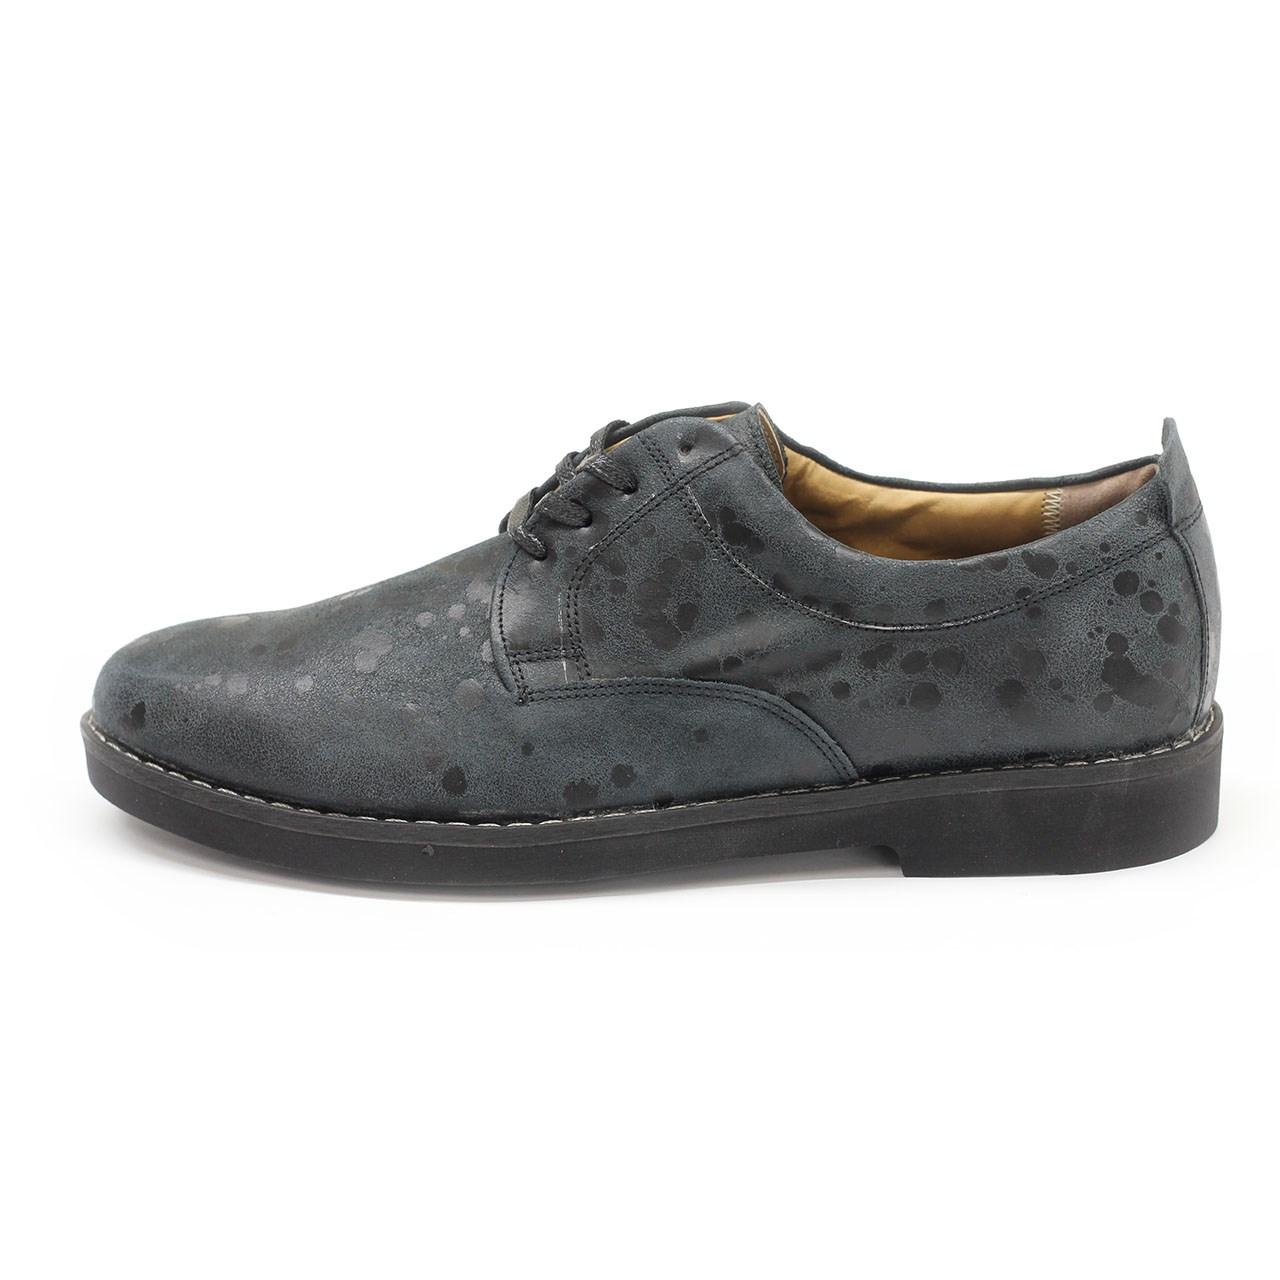 کفش چرم مردانه مدل کلاسیک